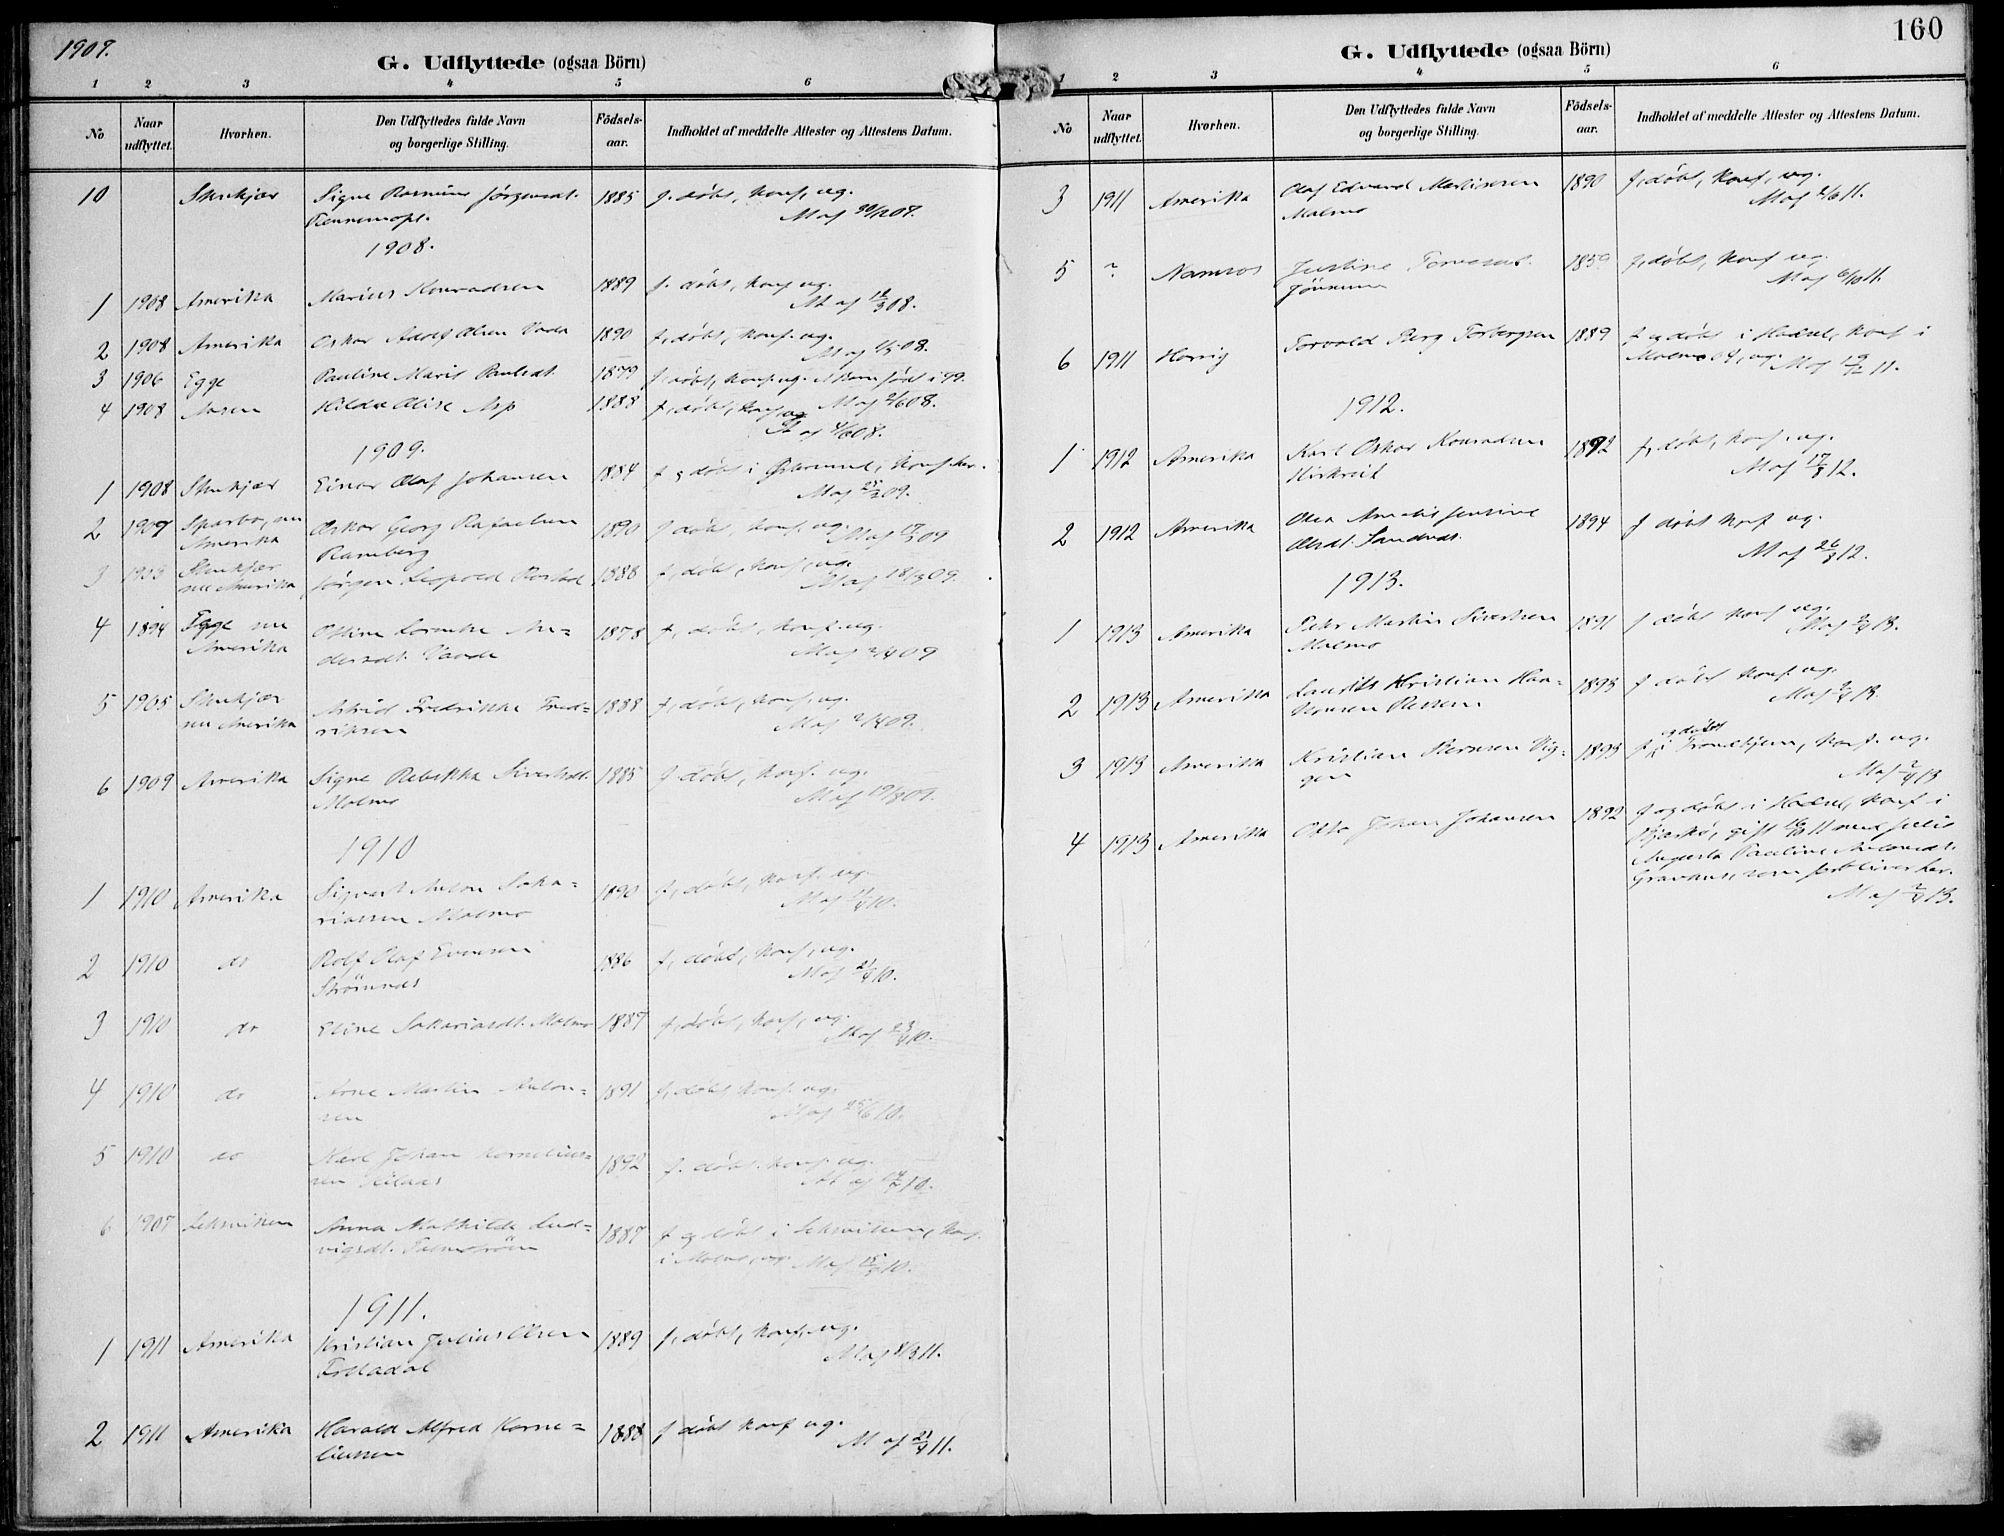 SAT, Ministerialprotokoller, klokkerbøker og fødselsregistre - Nord-Trøndelag, 745/L0430: Ministerialbok nr. 745A02, 1895-1913, s. 160